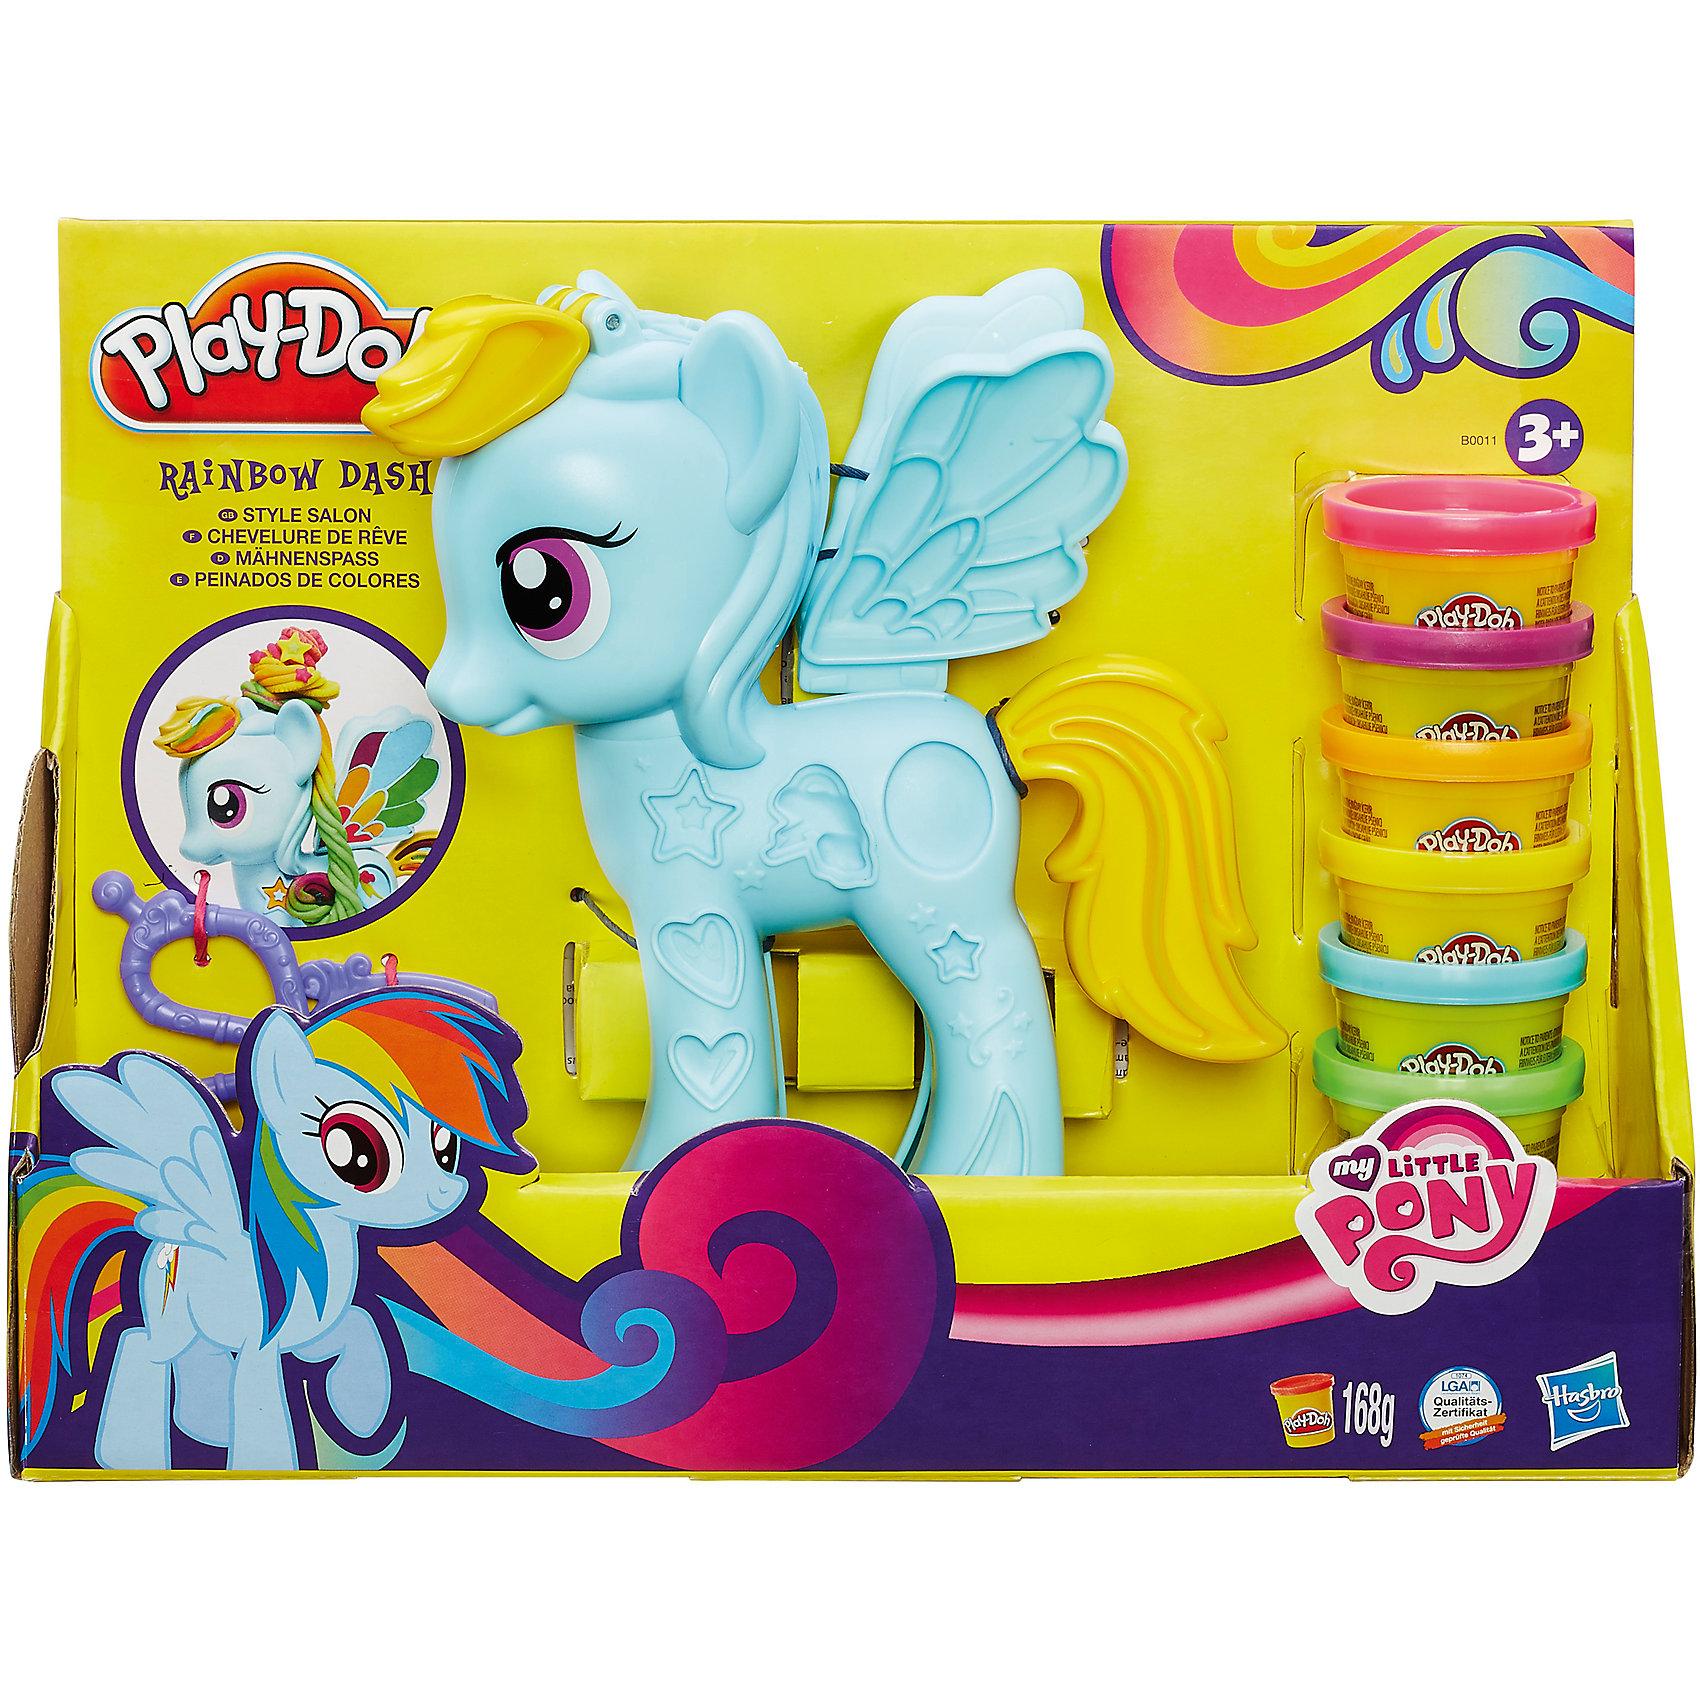 Игровой набор Стильный салон Рэйнбоу Дэш, My little Pony, Play-DohИдеи подарков<br>Представляем совершенно новый способ игры для поклонниц My Little Pony. Рэйнбоу Дэш хочет выглядеть лучше всех, и она несомненно нуждается в твоей помощи! Создай длинную радужную гриву и модный стиль с помощью пластилина Play-Doh. Используй полуформы и знаки отличия, чтобы украсить твою любимую пони. Она никогда не выглядела бы так чудесно, если бы не ты! В комплекте 6 мини-баночек пластилина Play-Doh и модельные ножницы.<br><br>Ширина мм: 309<br>Глубина мм: 226<br>Высота мм: 88<br>Вес г: 574<br>Возраст от месяцев: 36<br>Возраст до месяцев: 84<br>Пол: Женский<br>Возраст: Детский<br>SKU: 4093894